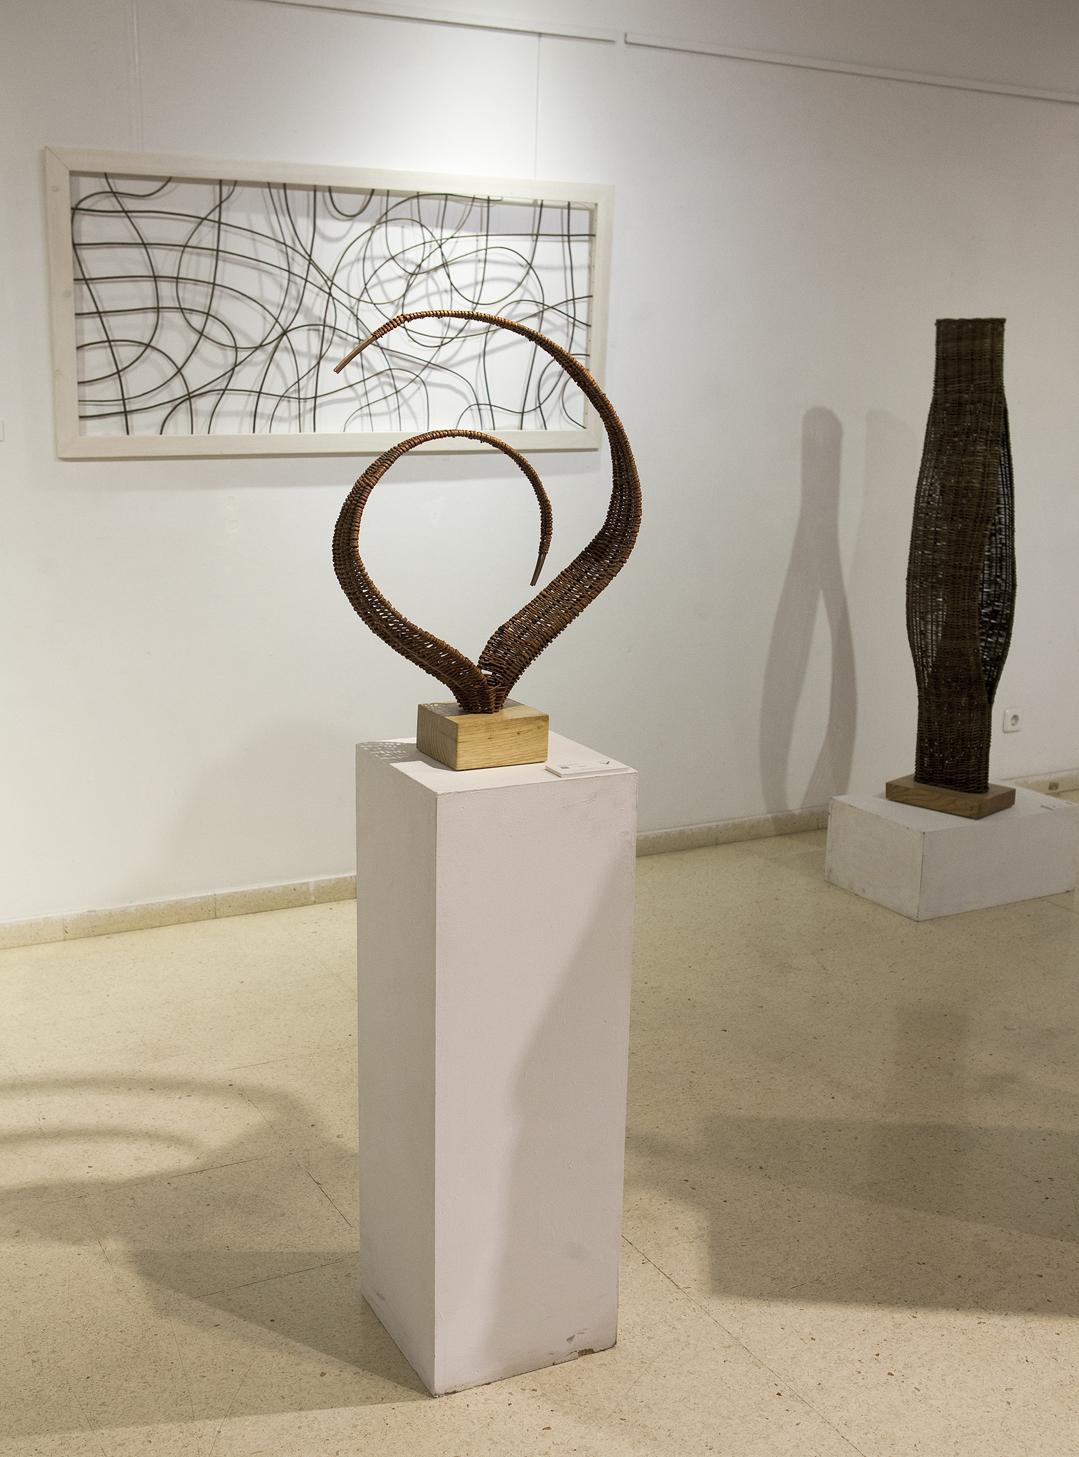 Escuela de Arte La Palma 2019